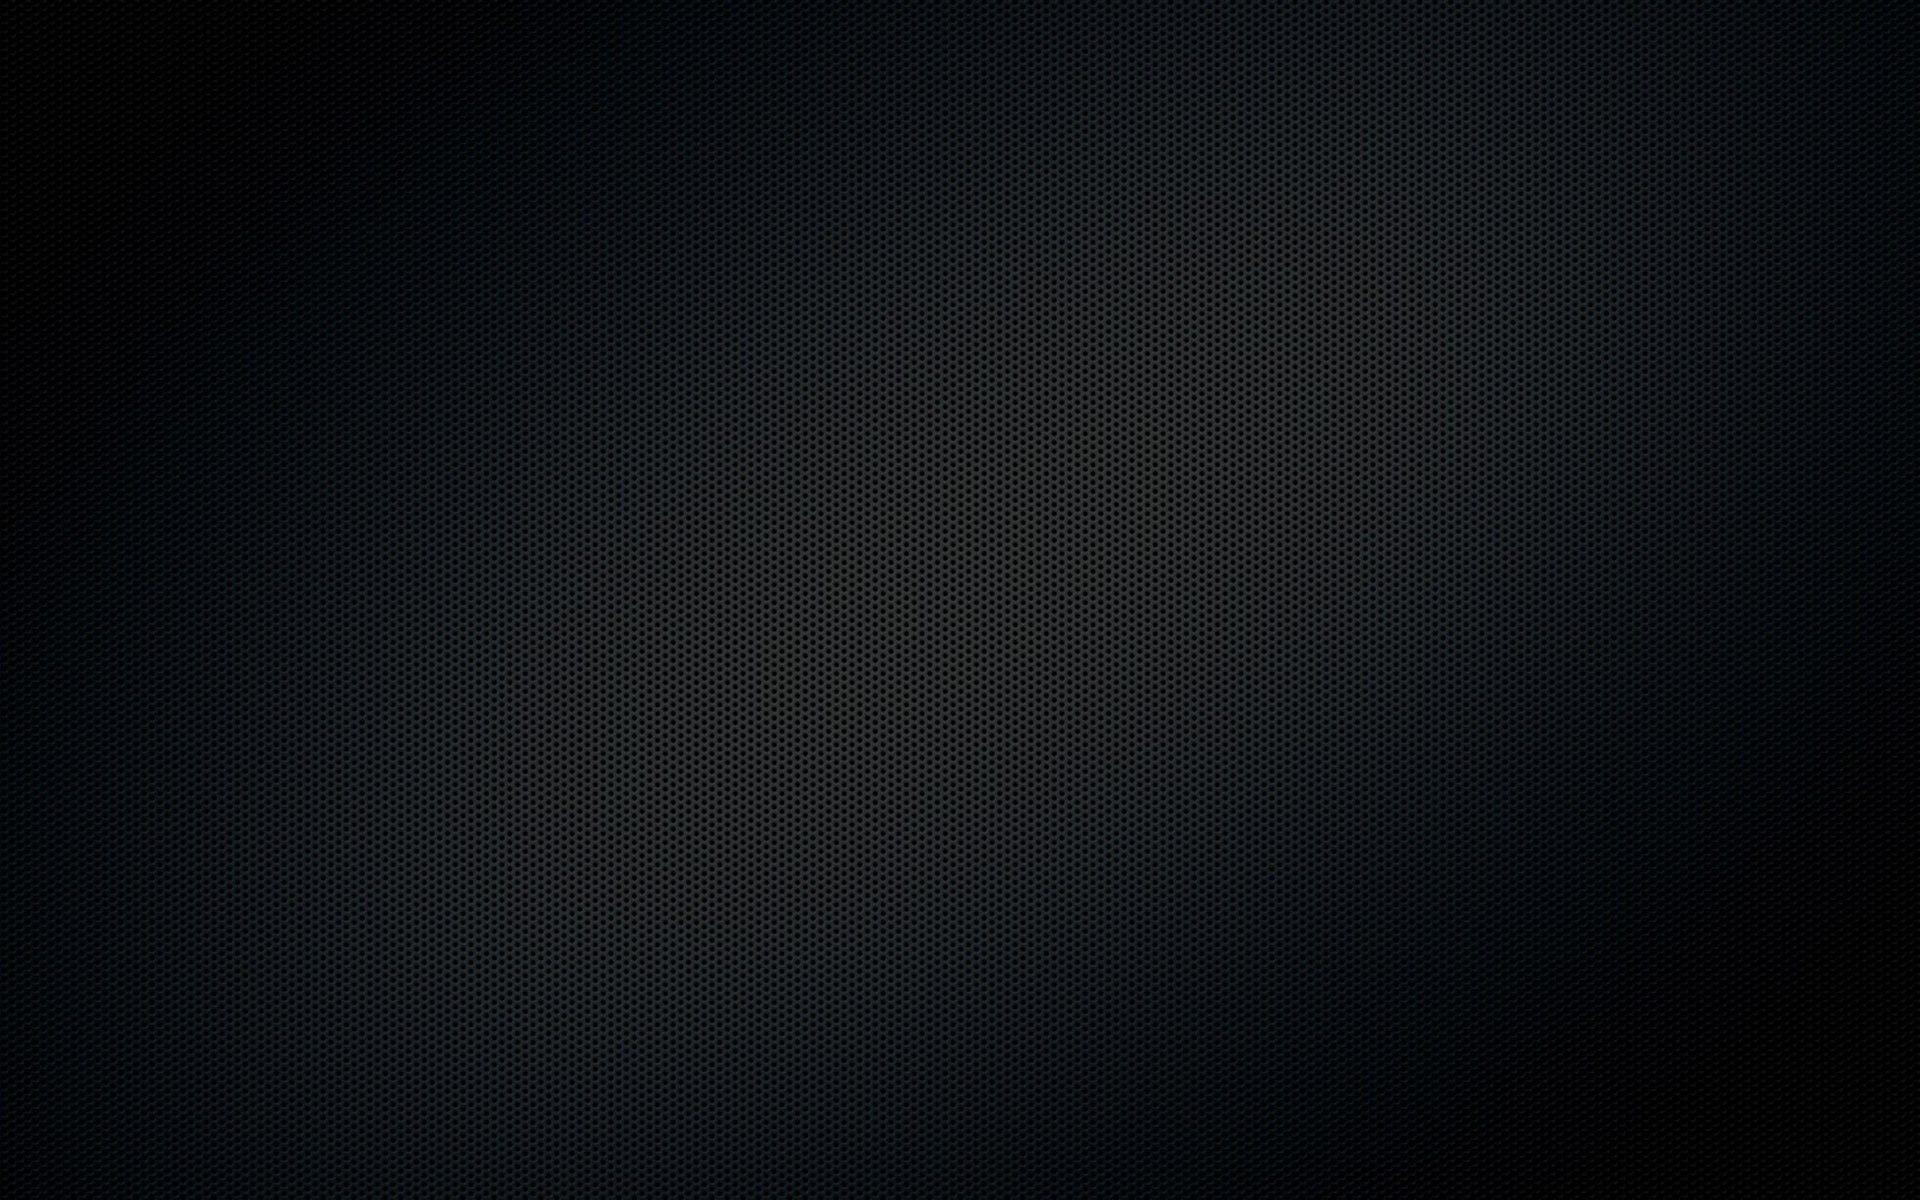 black pattern wallpaper 32282 1920x1200 px